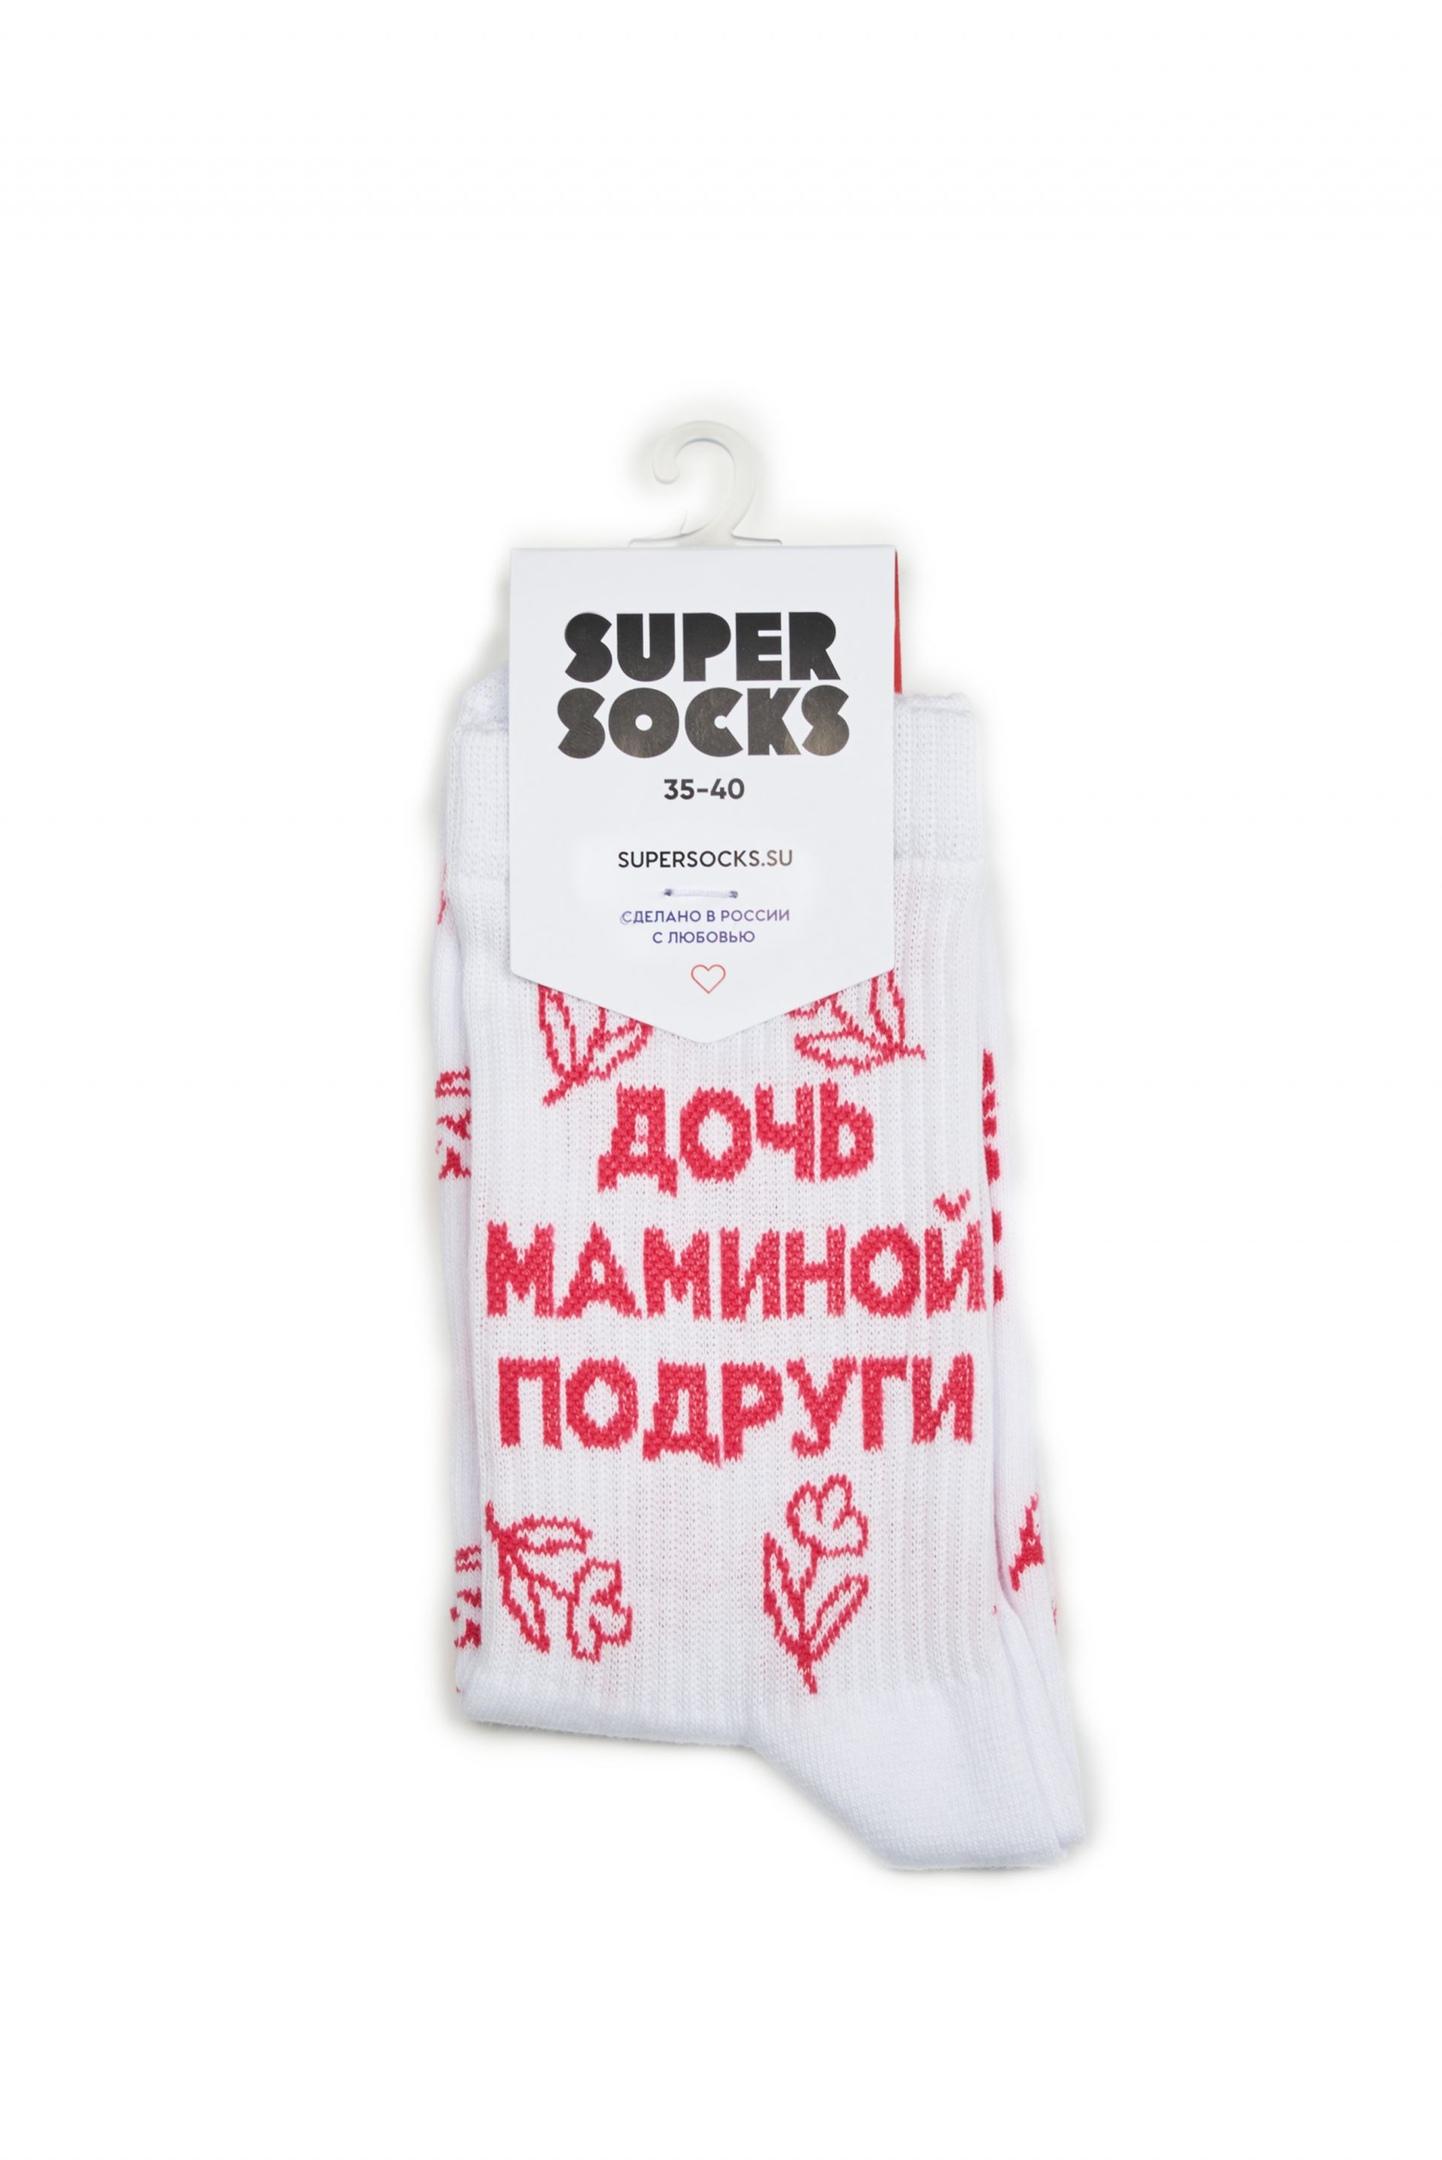 Новые носочки уже в нашем магазине, изображение №11